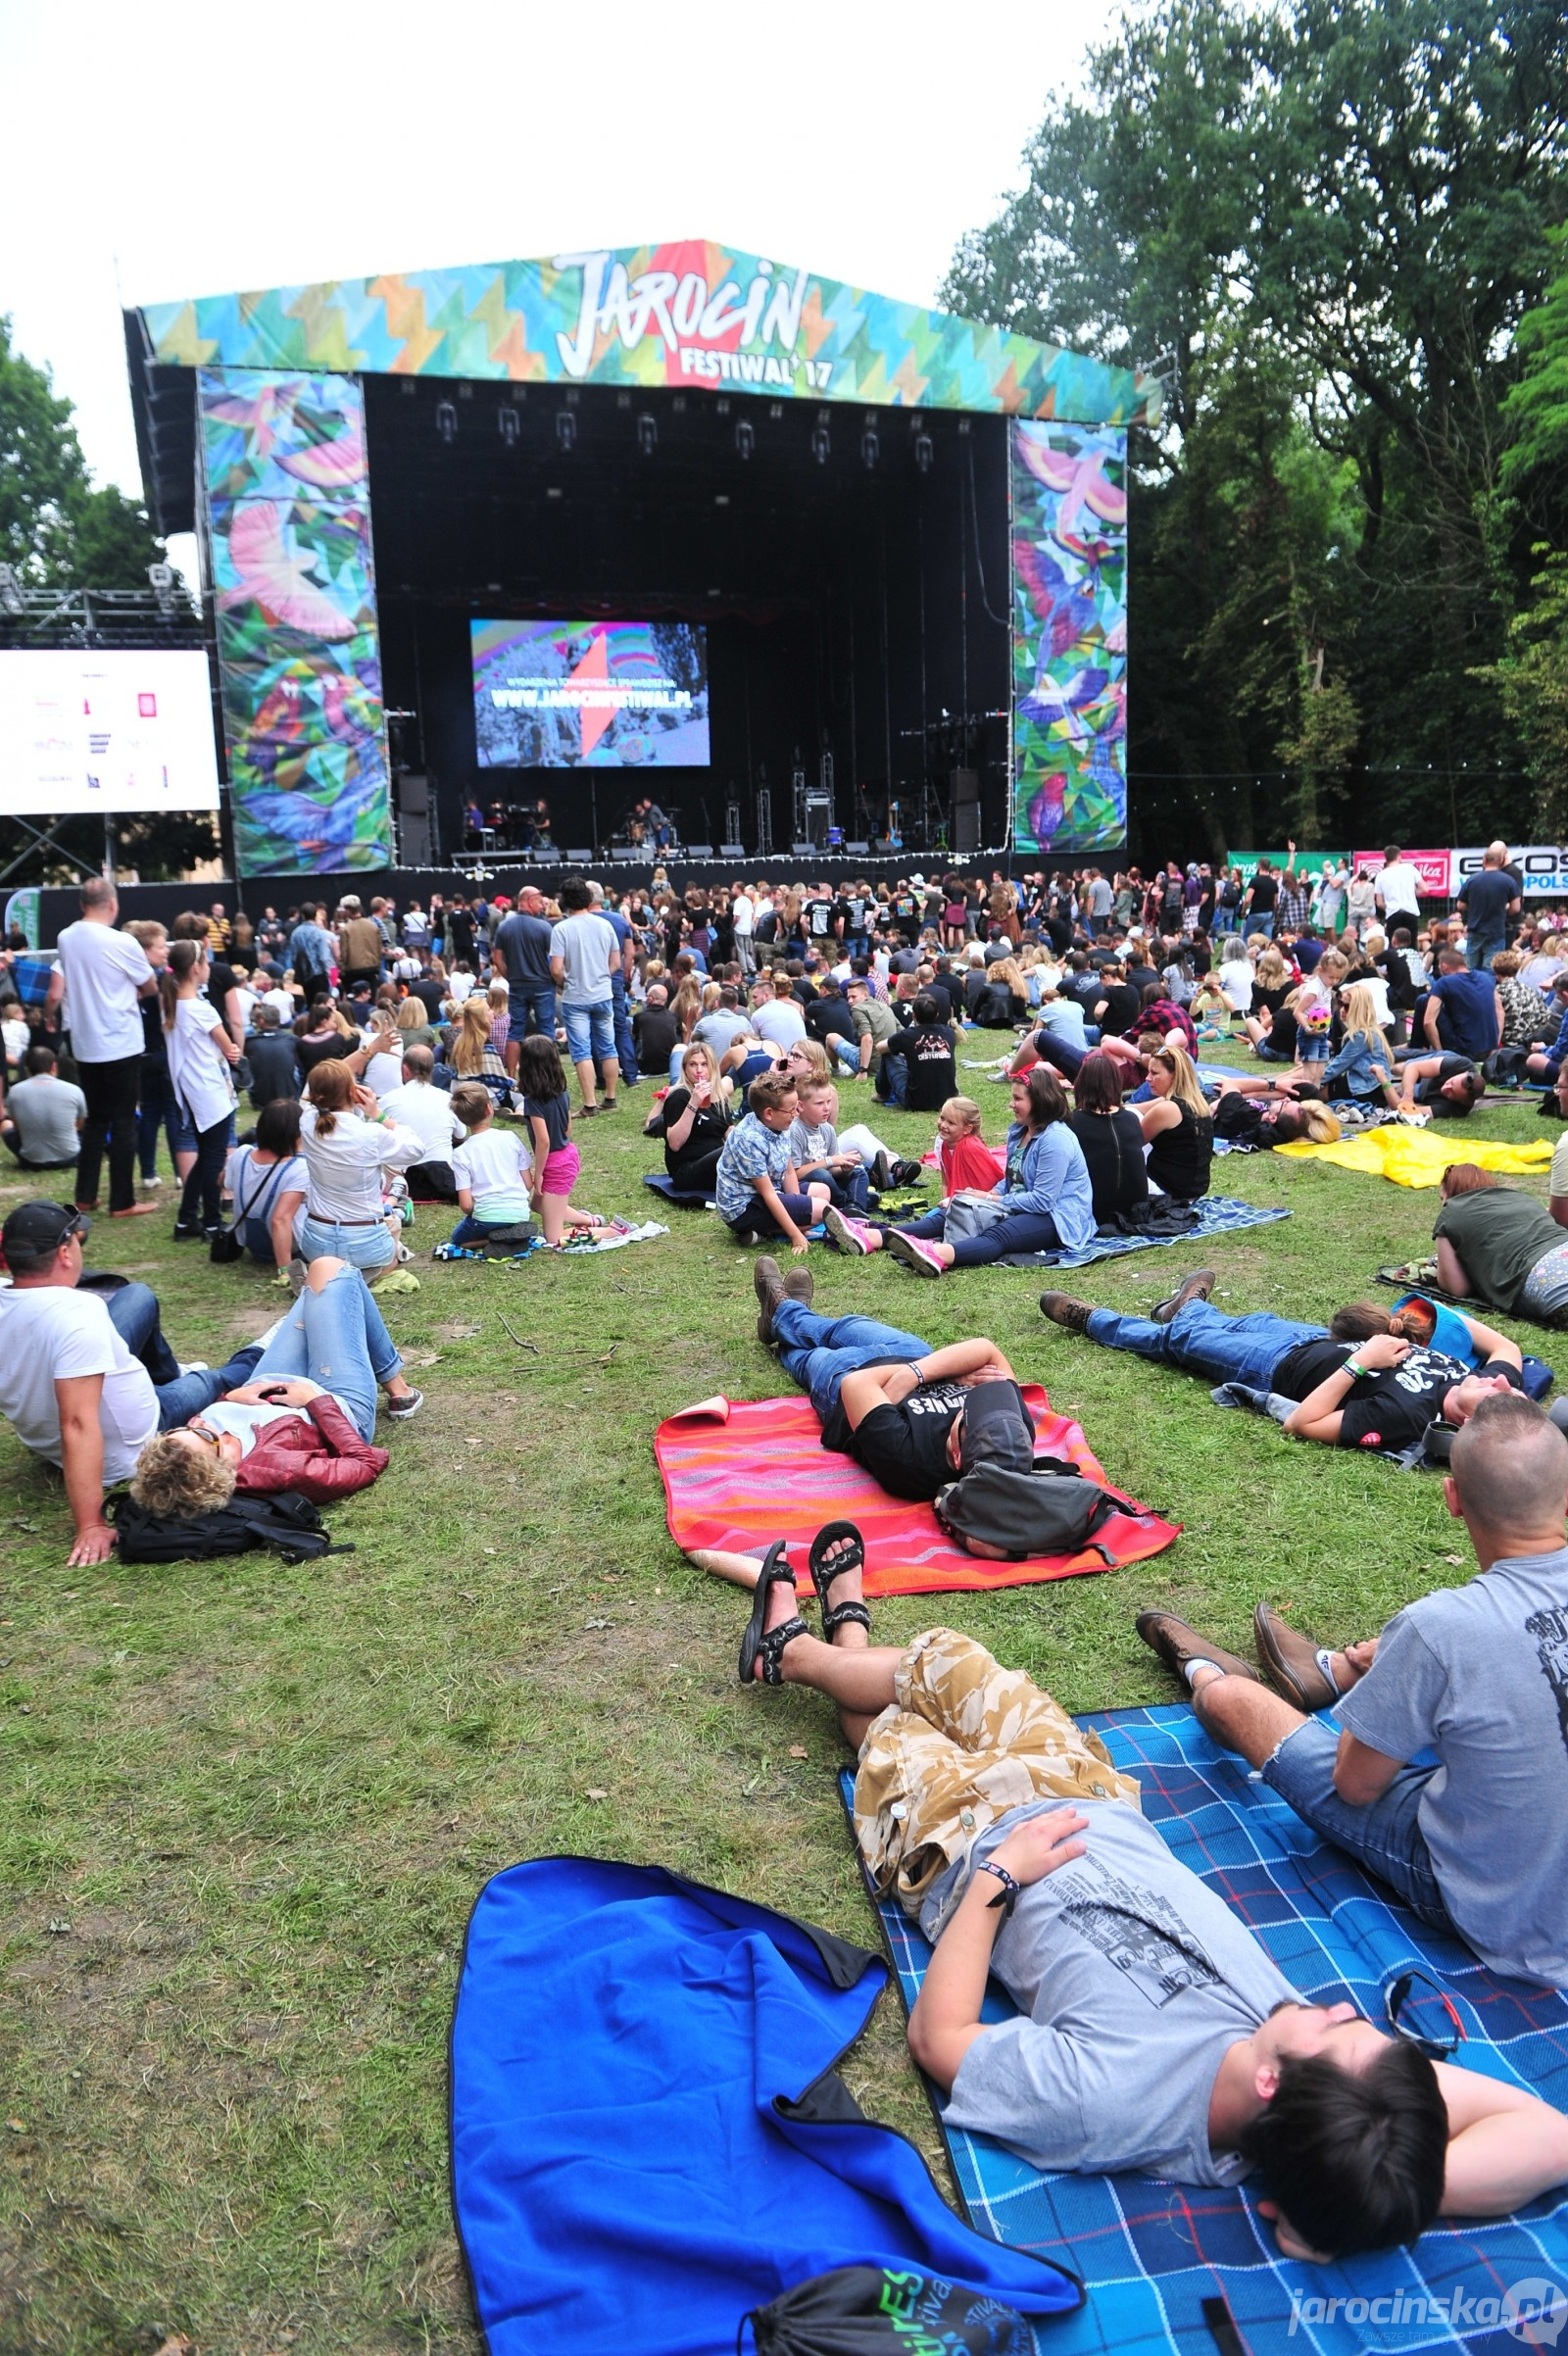 Jarocin Festiwal 2017. Organek. Publiczność - Zdjęcie główne